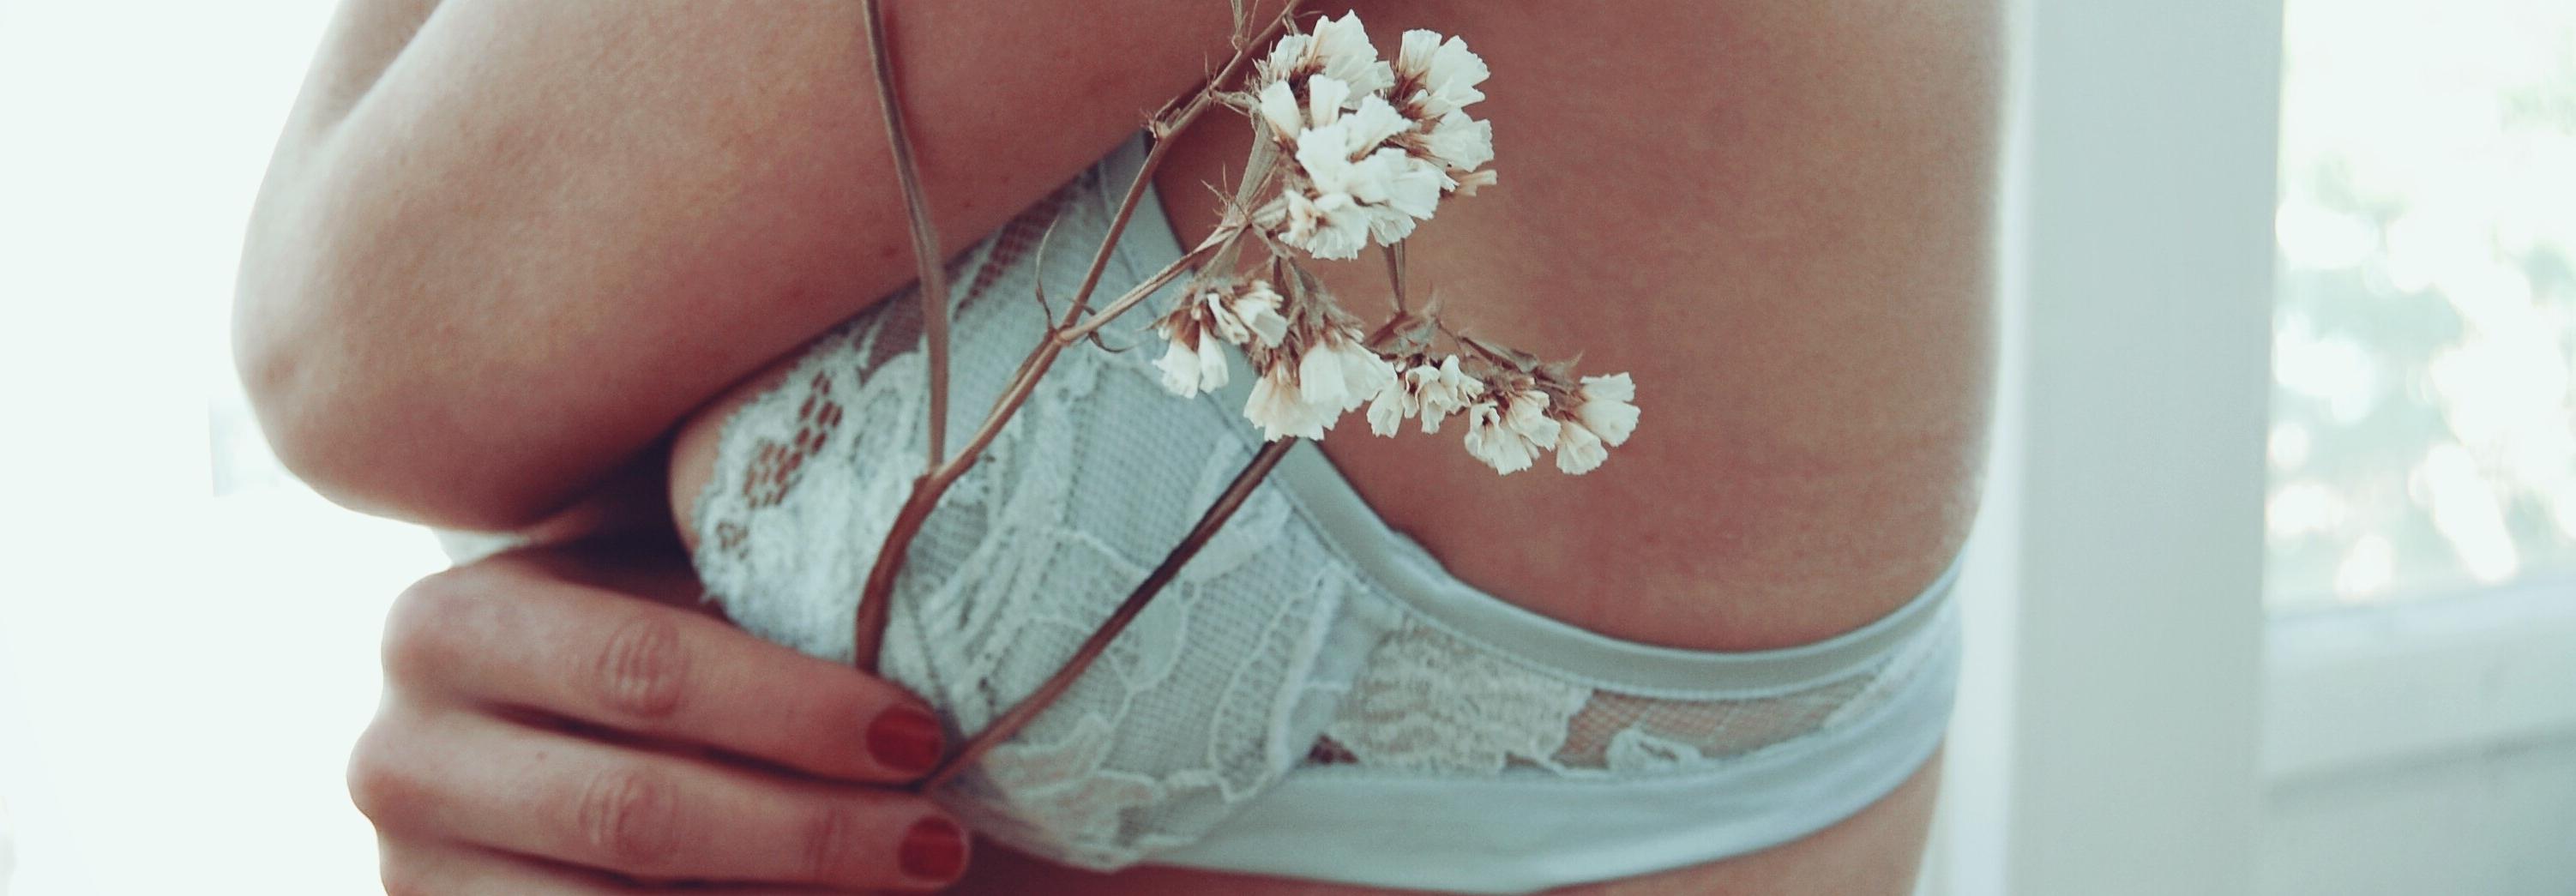 Bienestar tras la cirugia mamaria